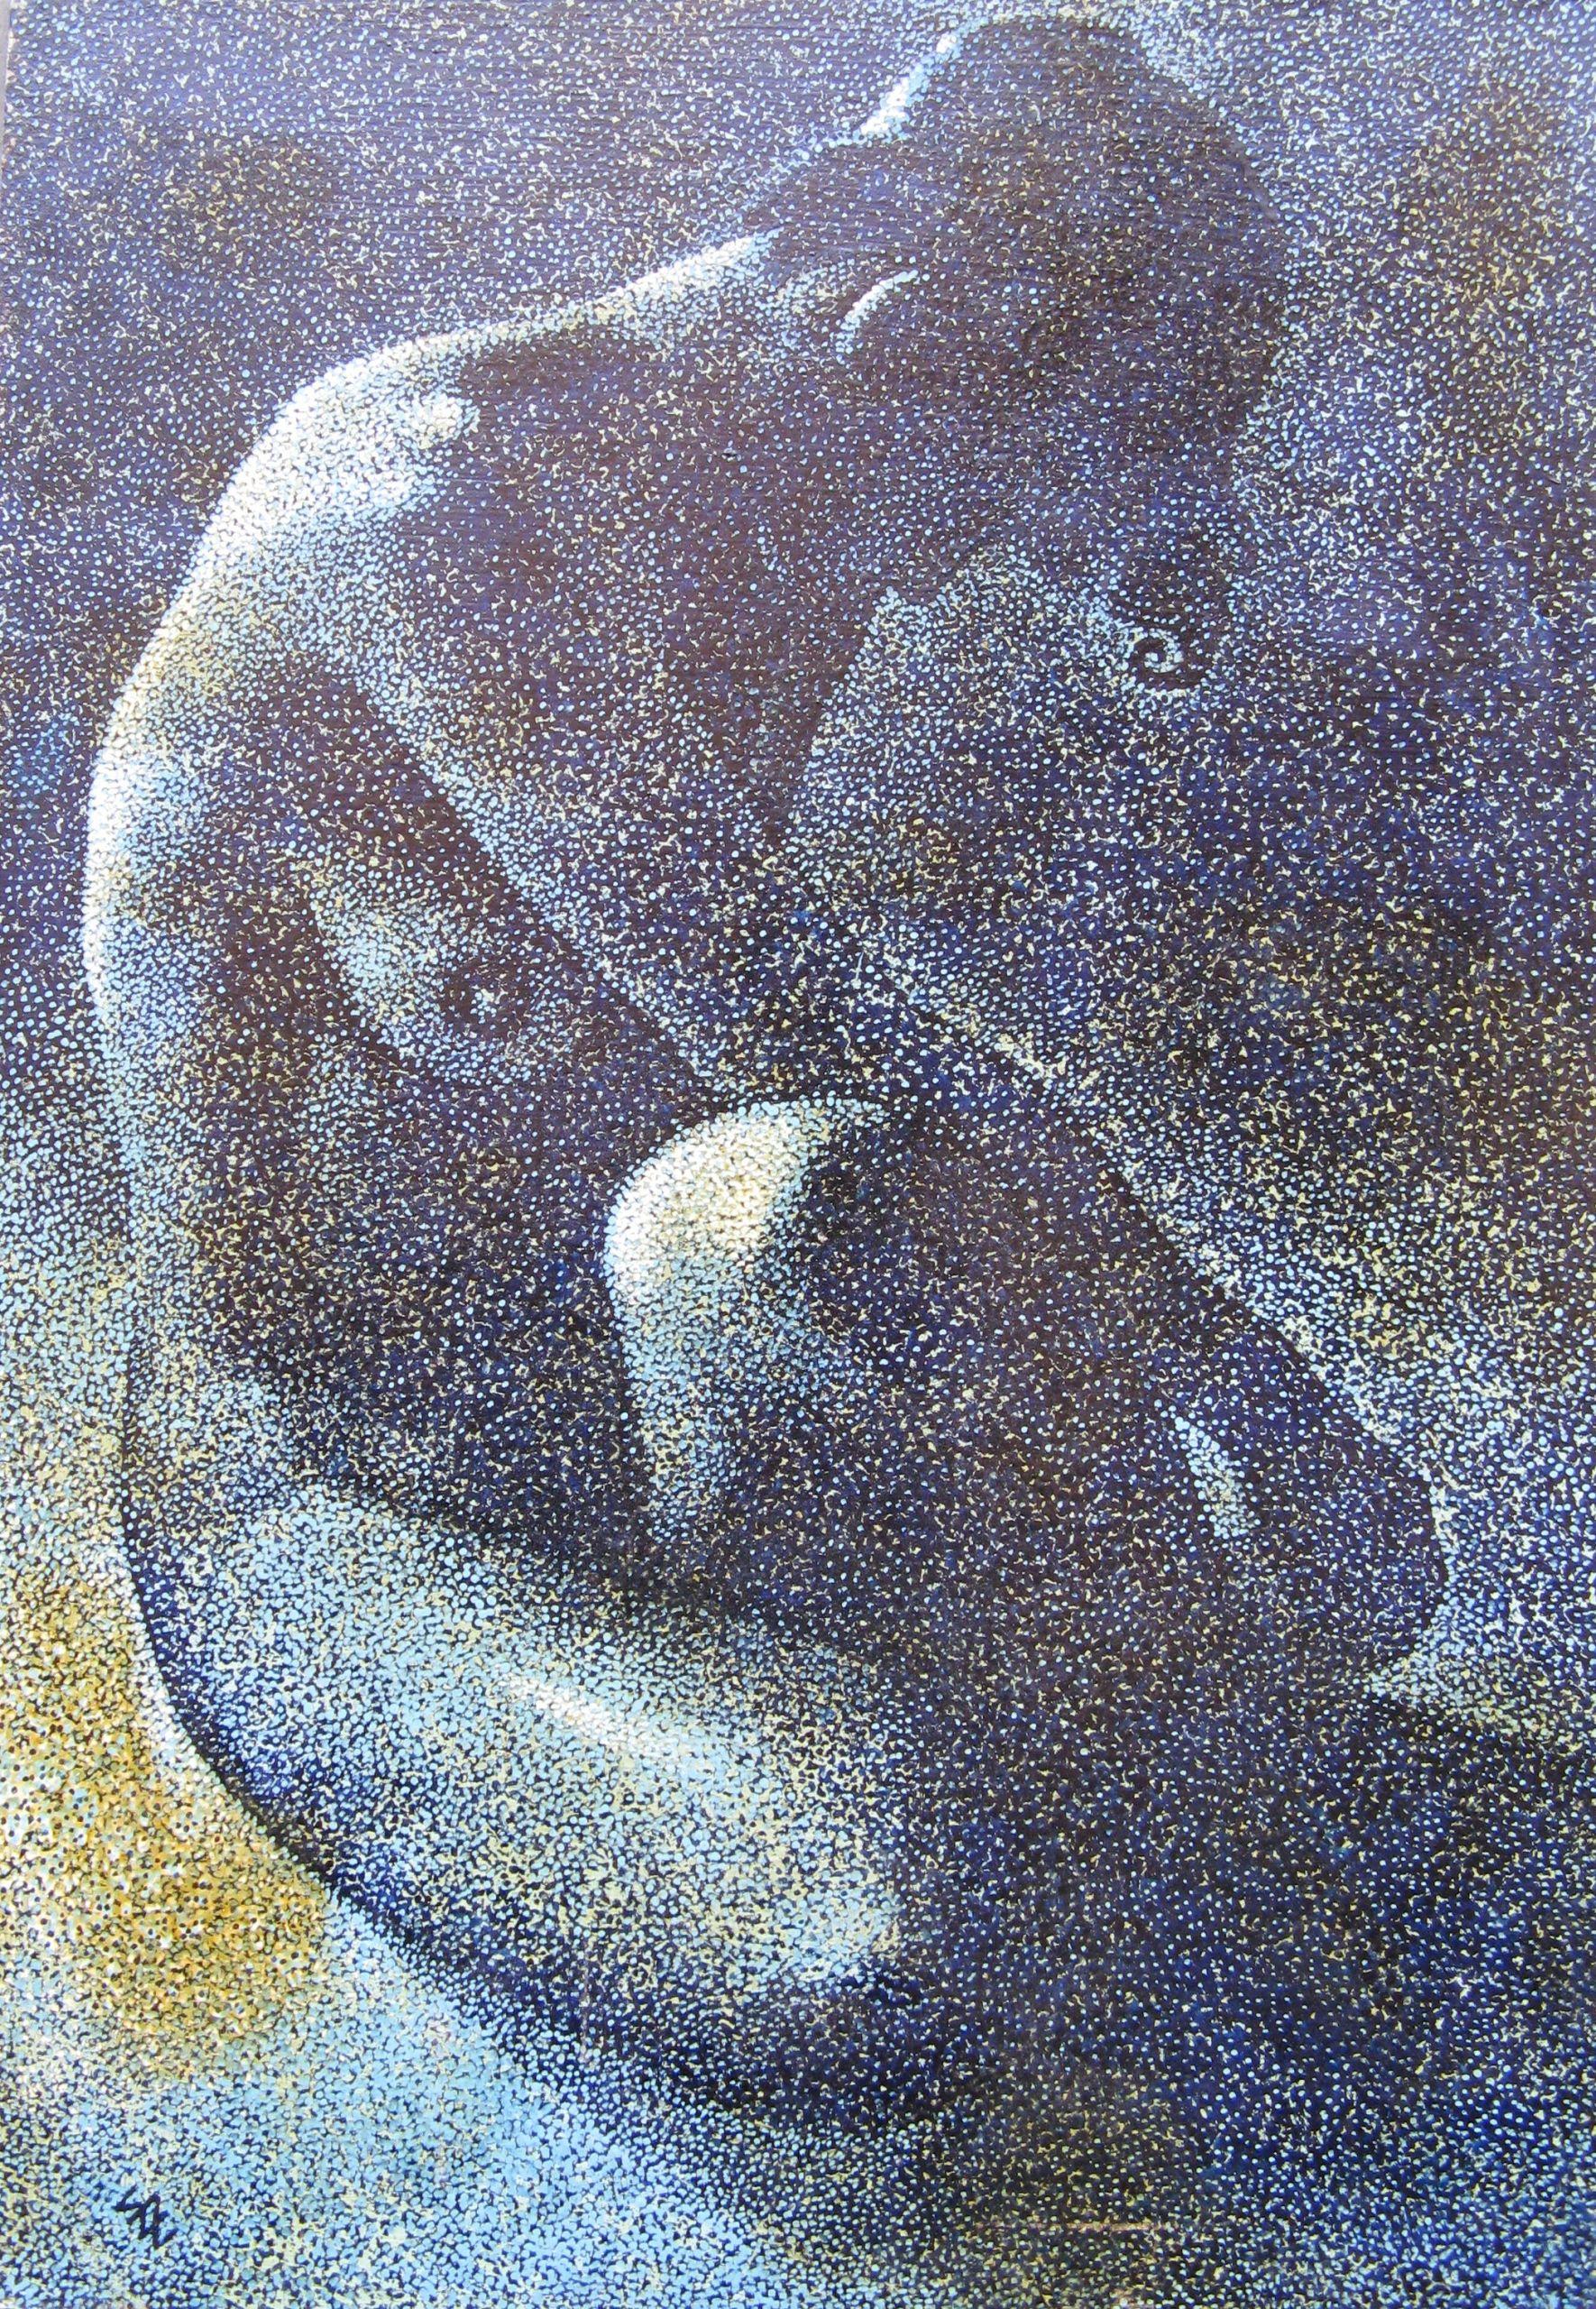 ΖΑΧΑΡΟΠΟΥΛΟΣ Στέλιος  (1924 - 1997)